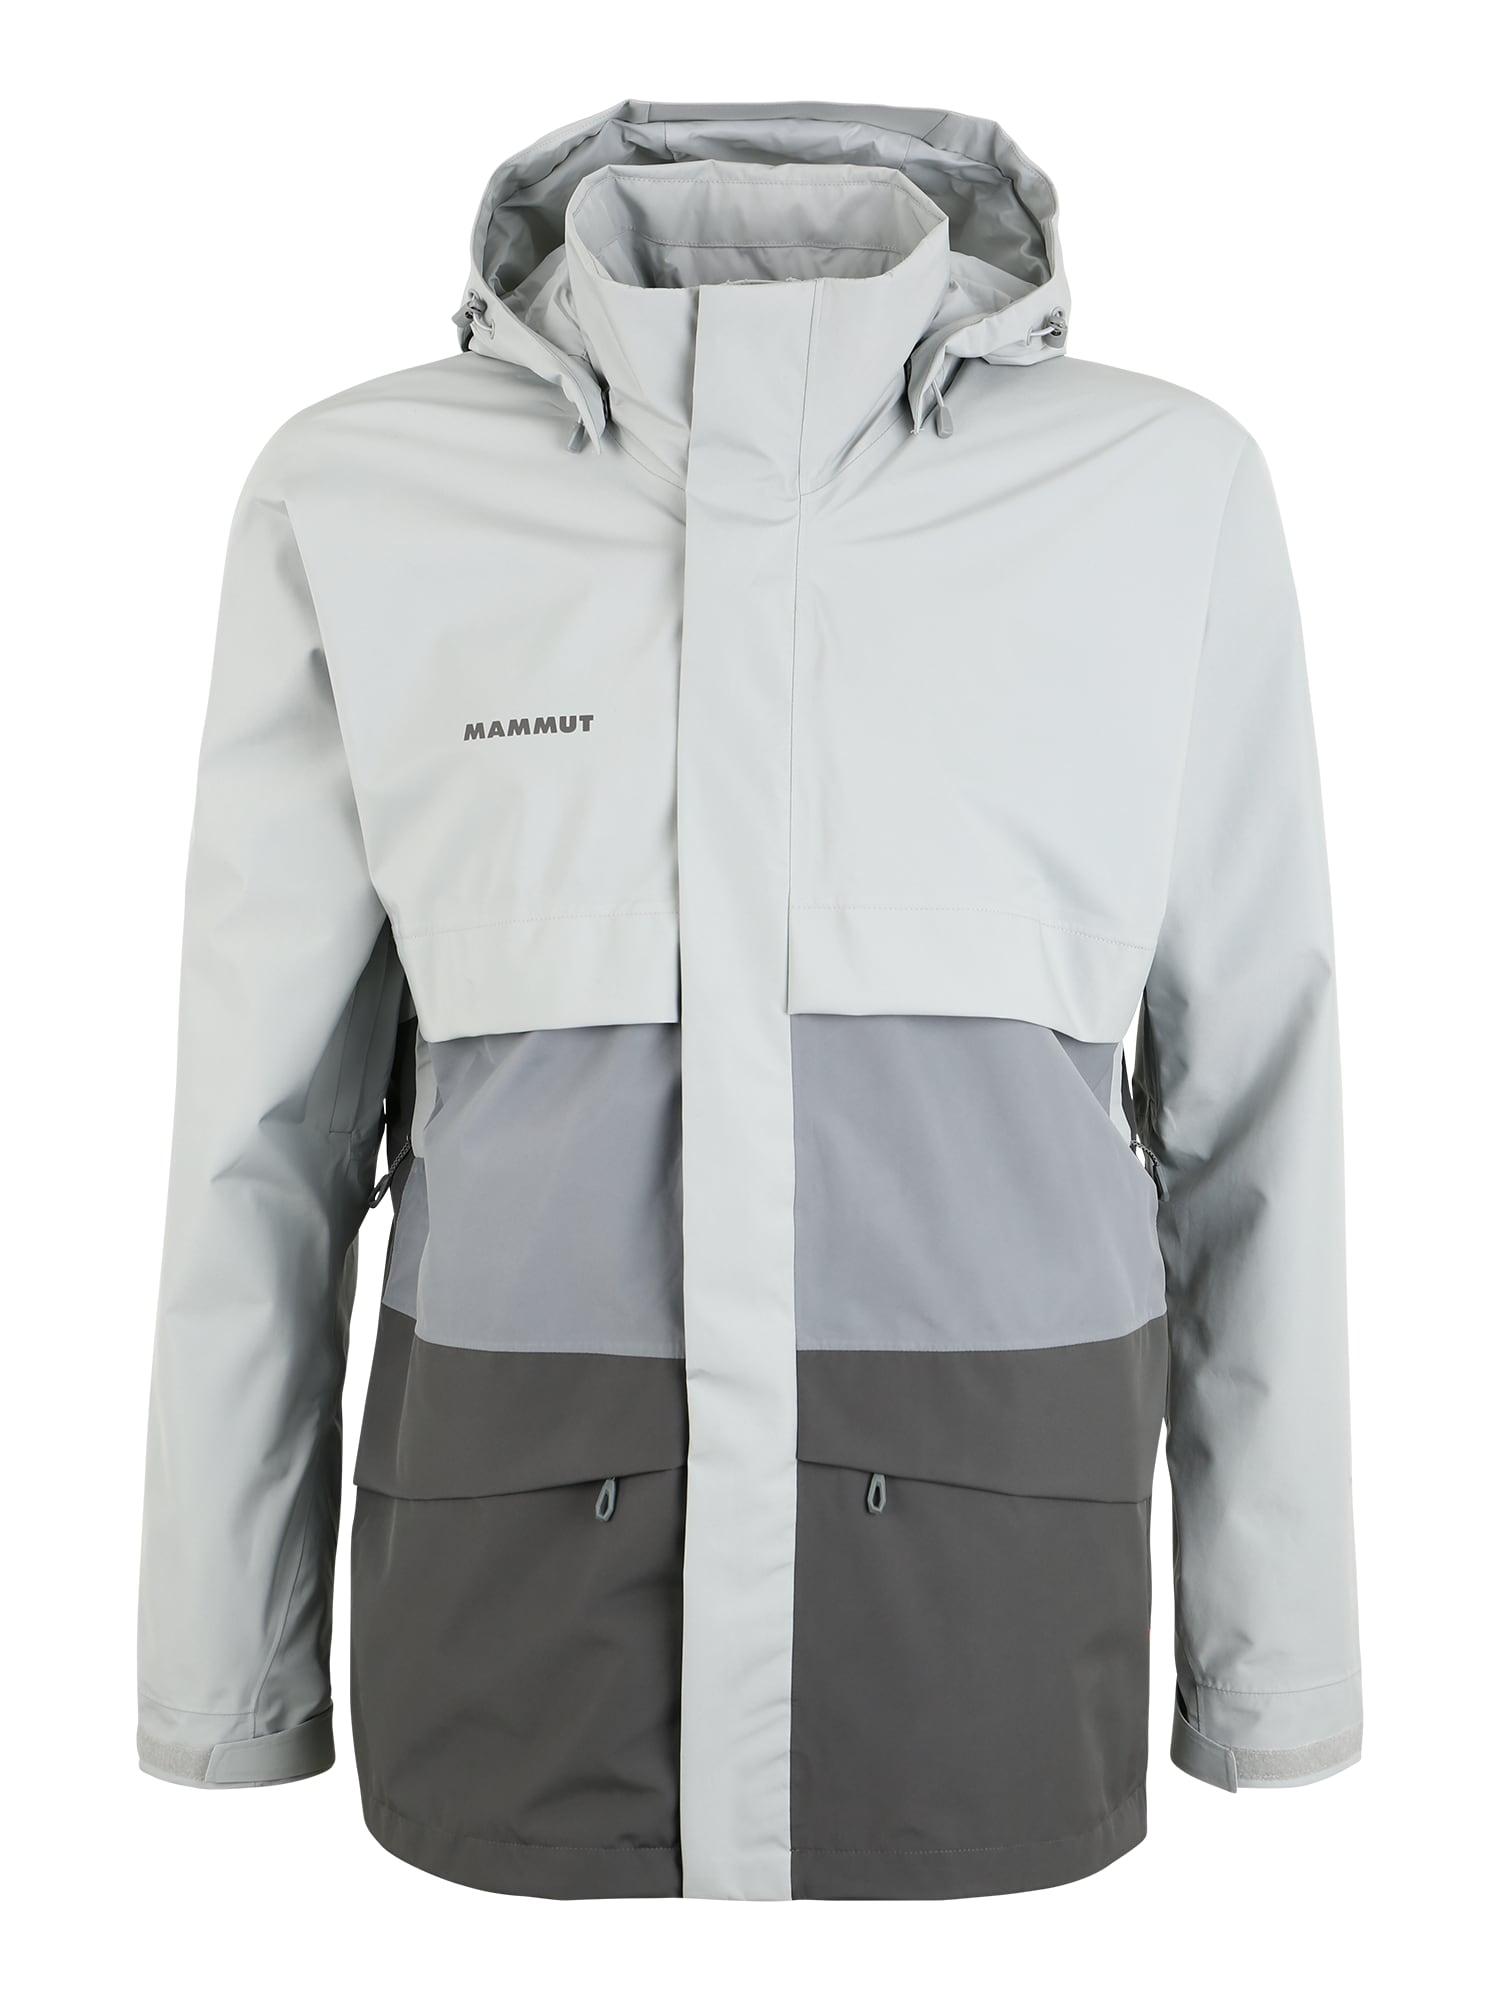 MAMMUT Sportinė striukė pilka / šviesiai pilka